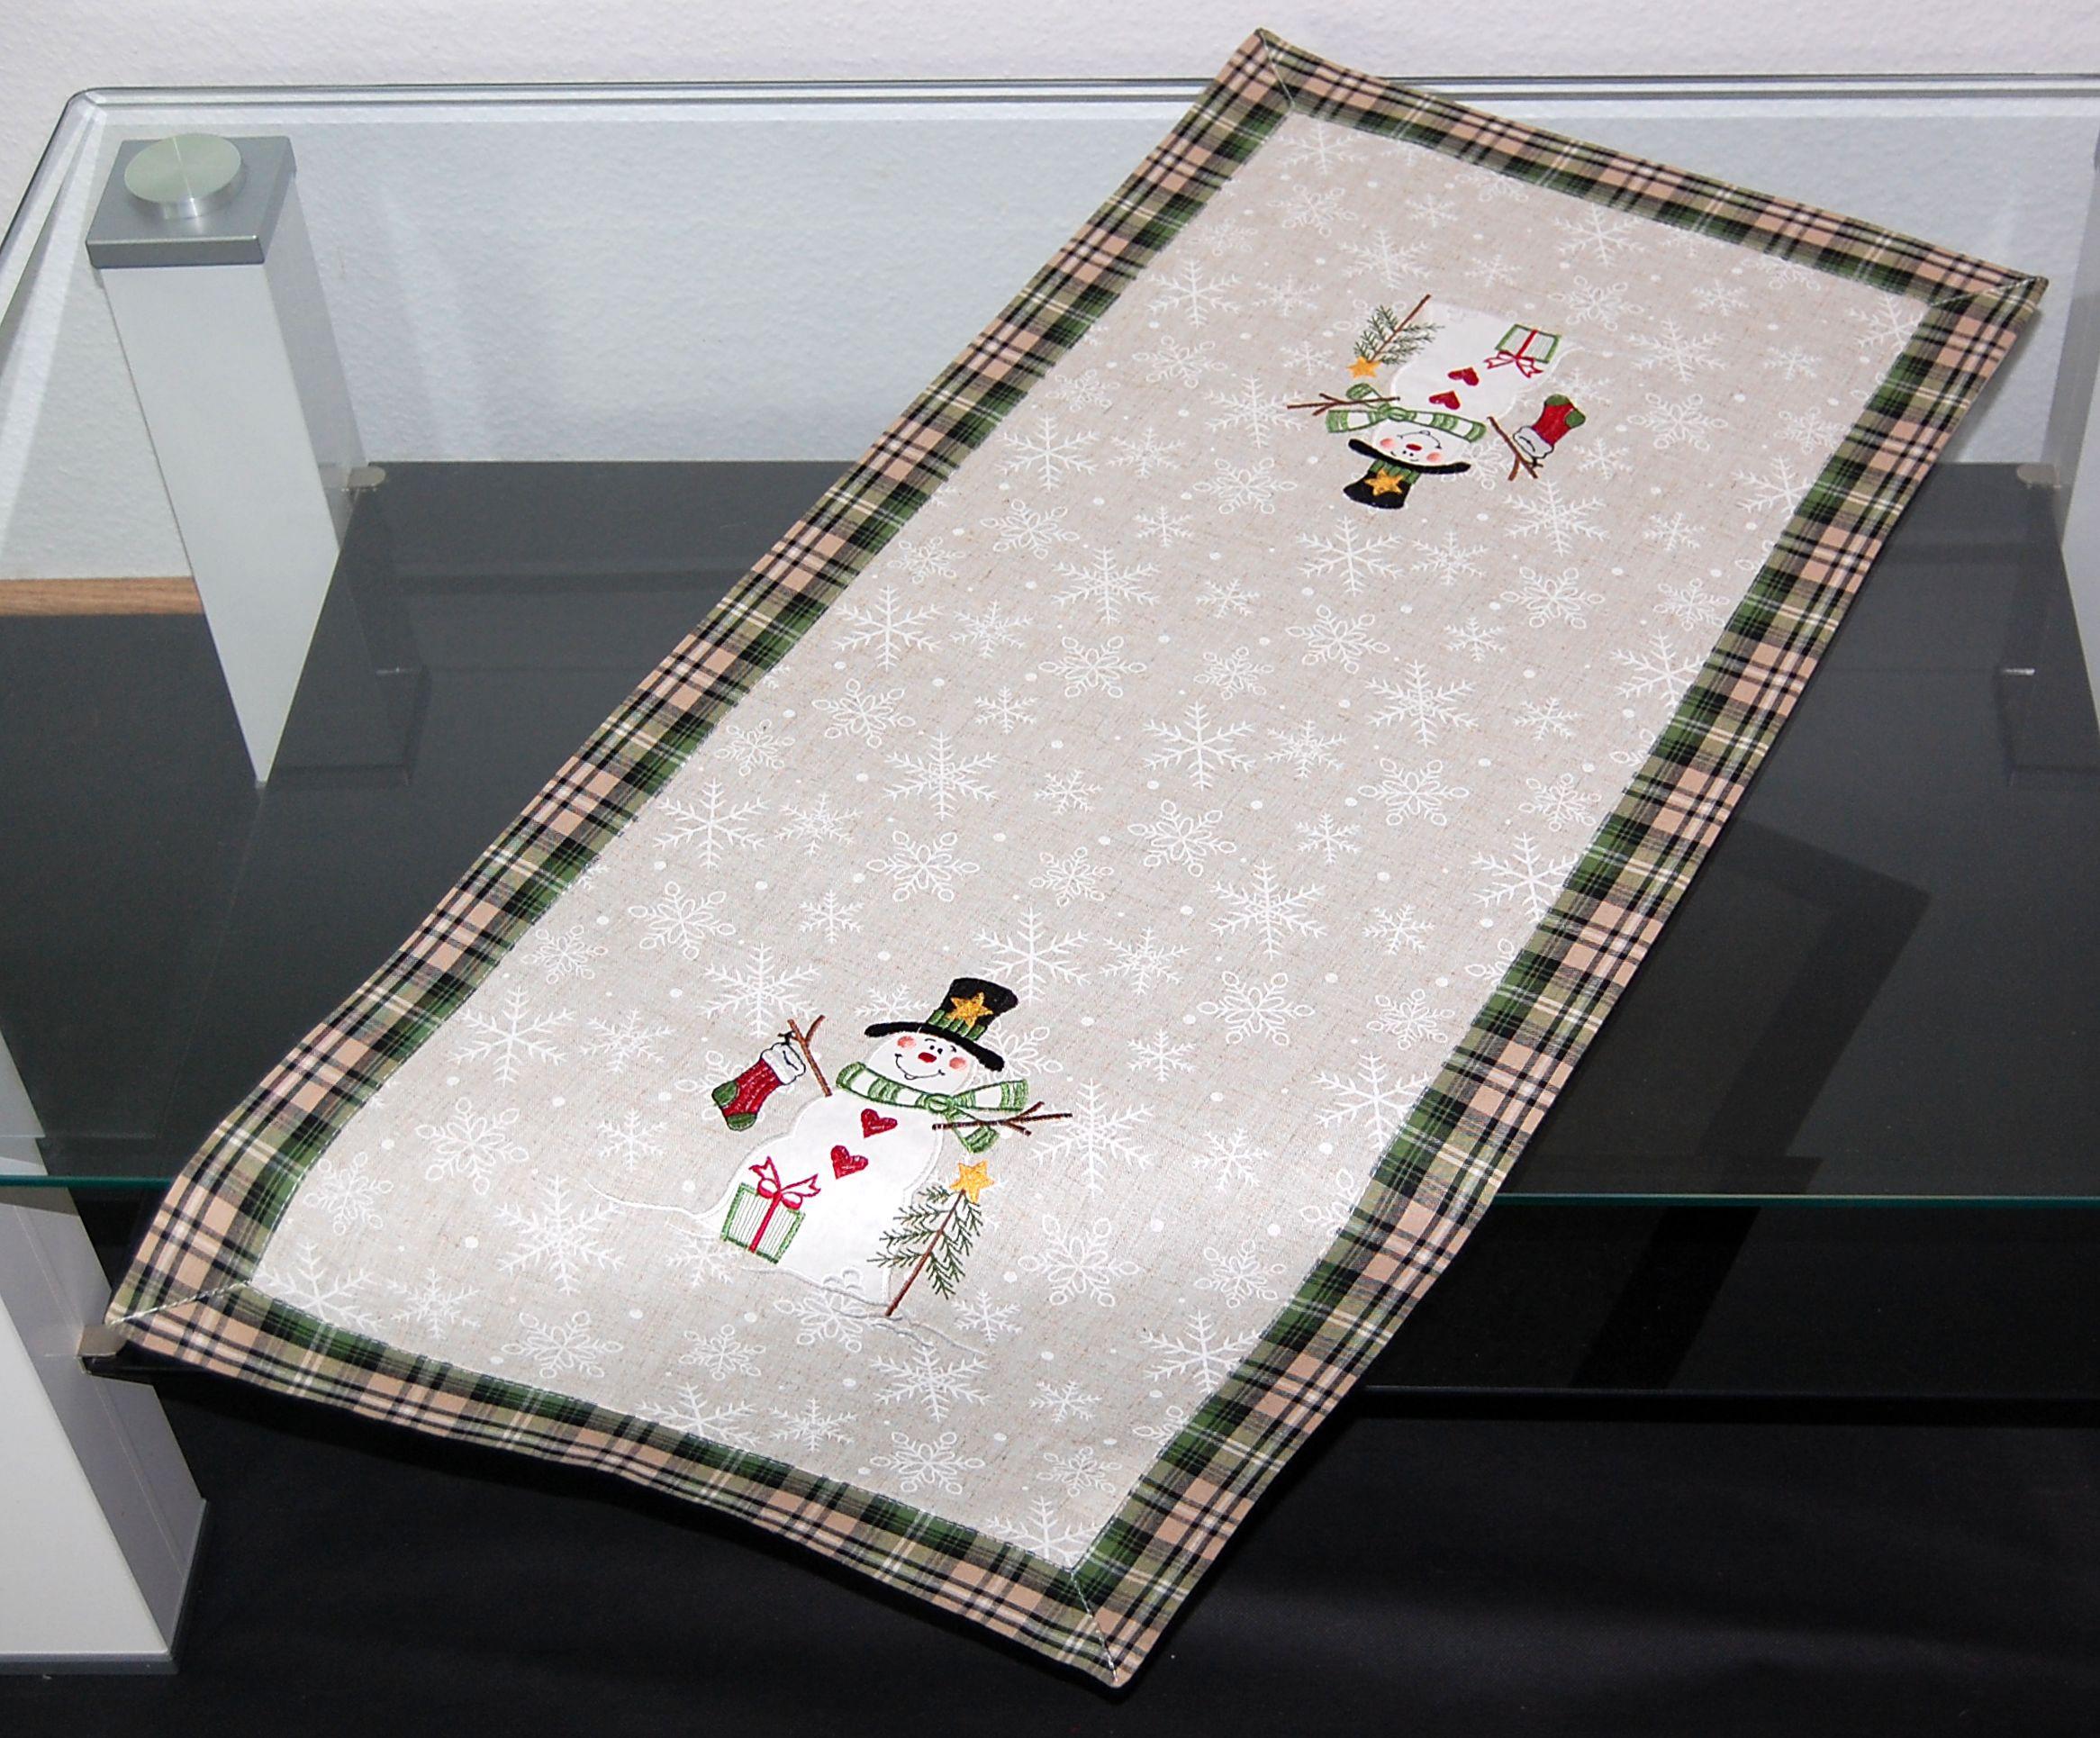 tischdecke weihnachten winter schneemann natur beige gr n. Black Bedroom Furniture Sets. Home Design Ideas